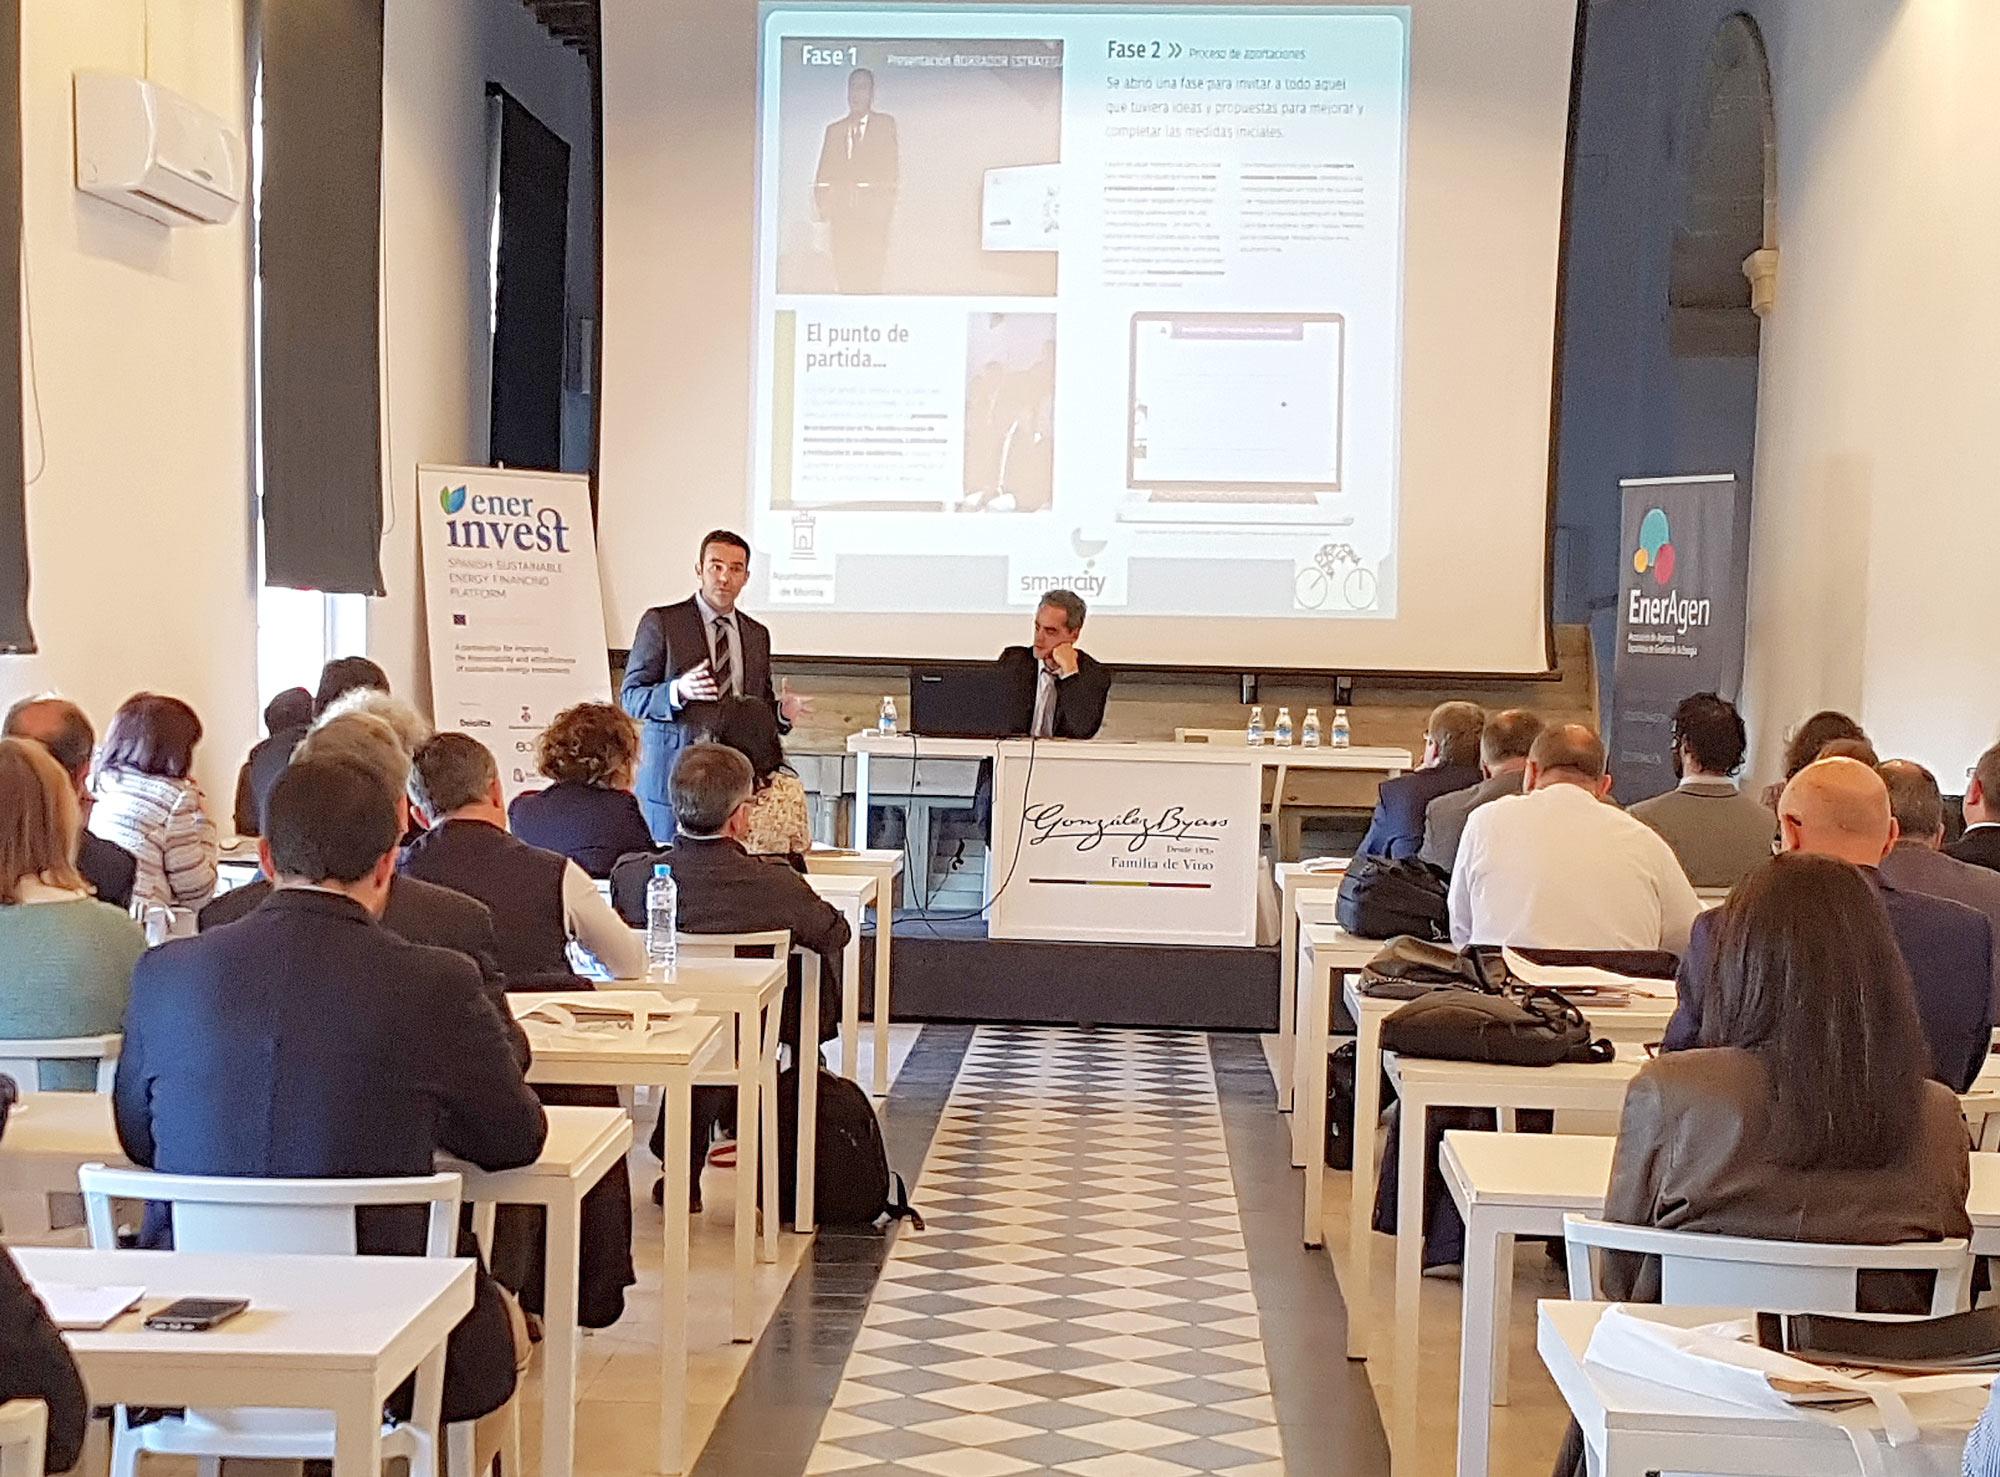 La Agencia Local de la Energía de Murcia ha participado en la XVI Asamblea General de la Asociación de Agencias Españolas de Gestión de la Energía (Eneragen). Imagen: Ayto. de Murcia